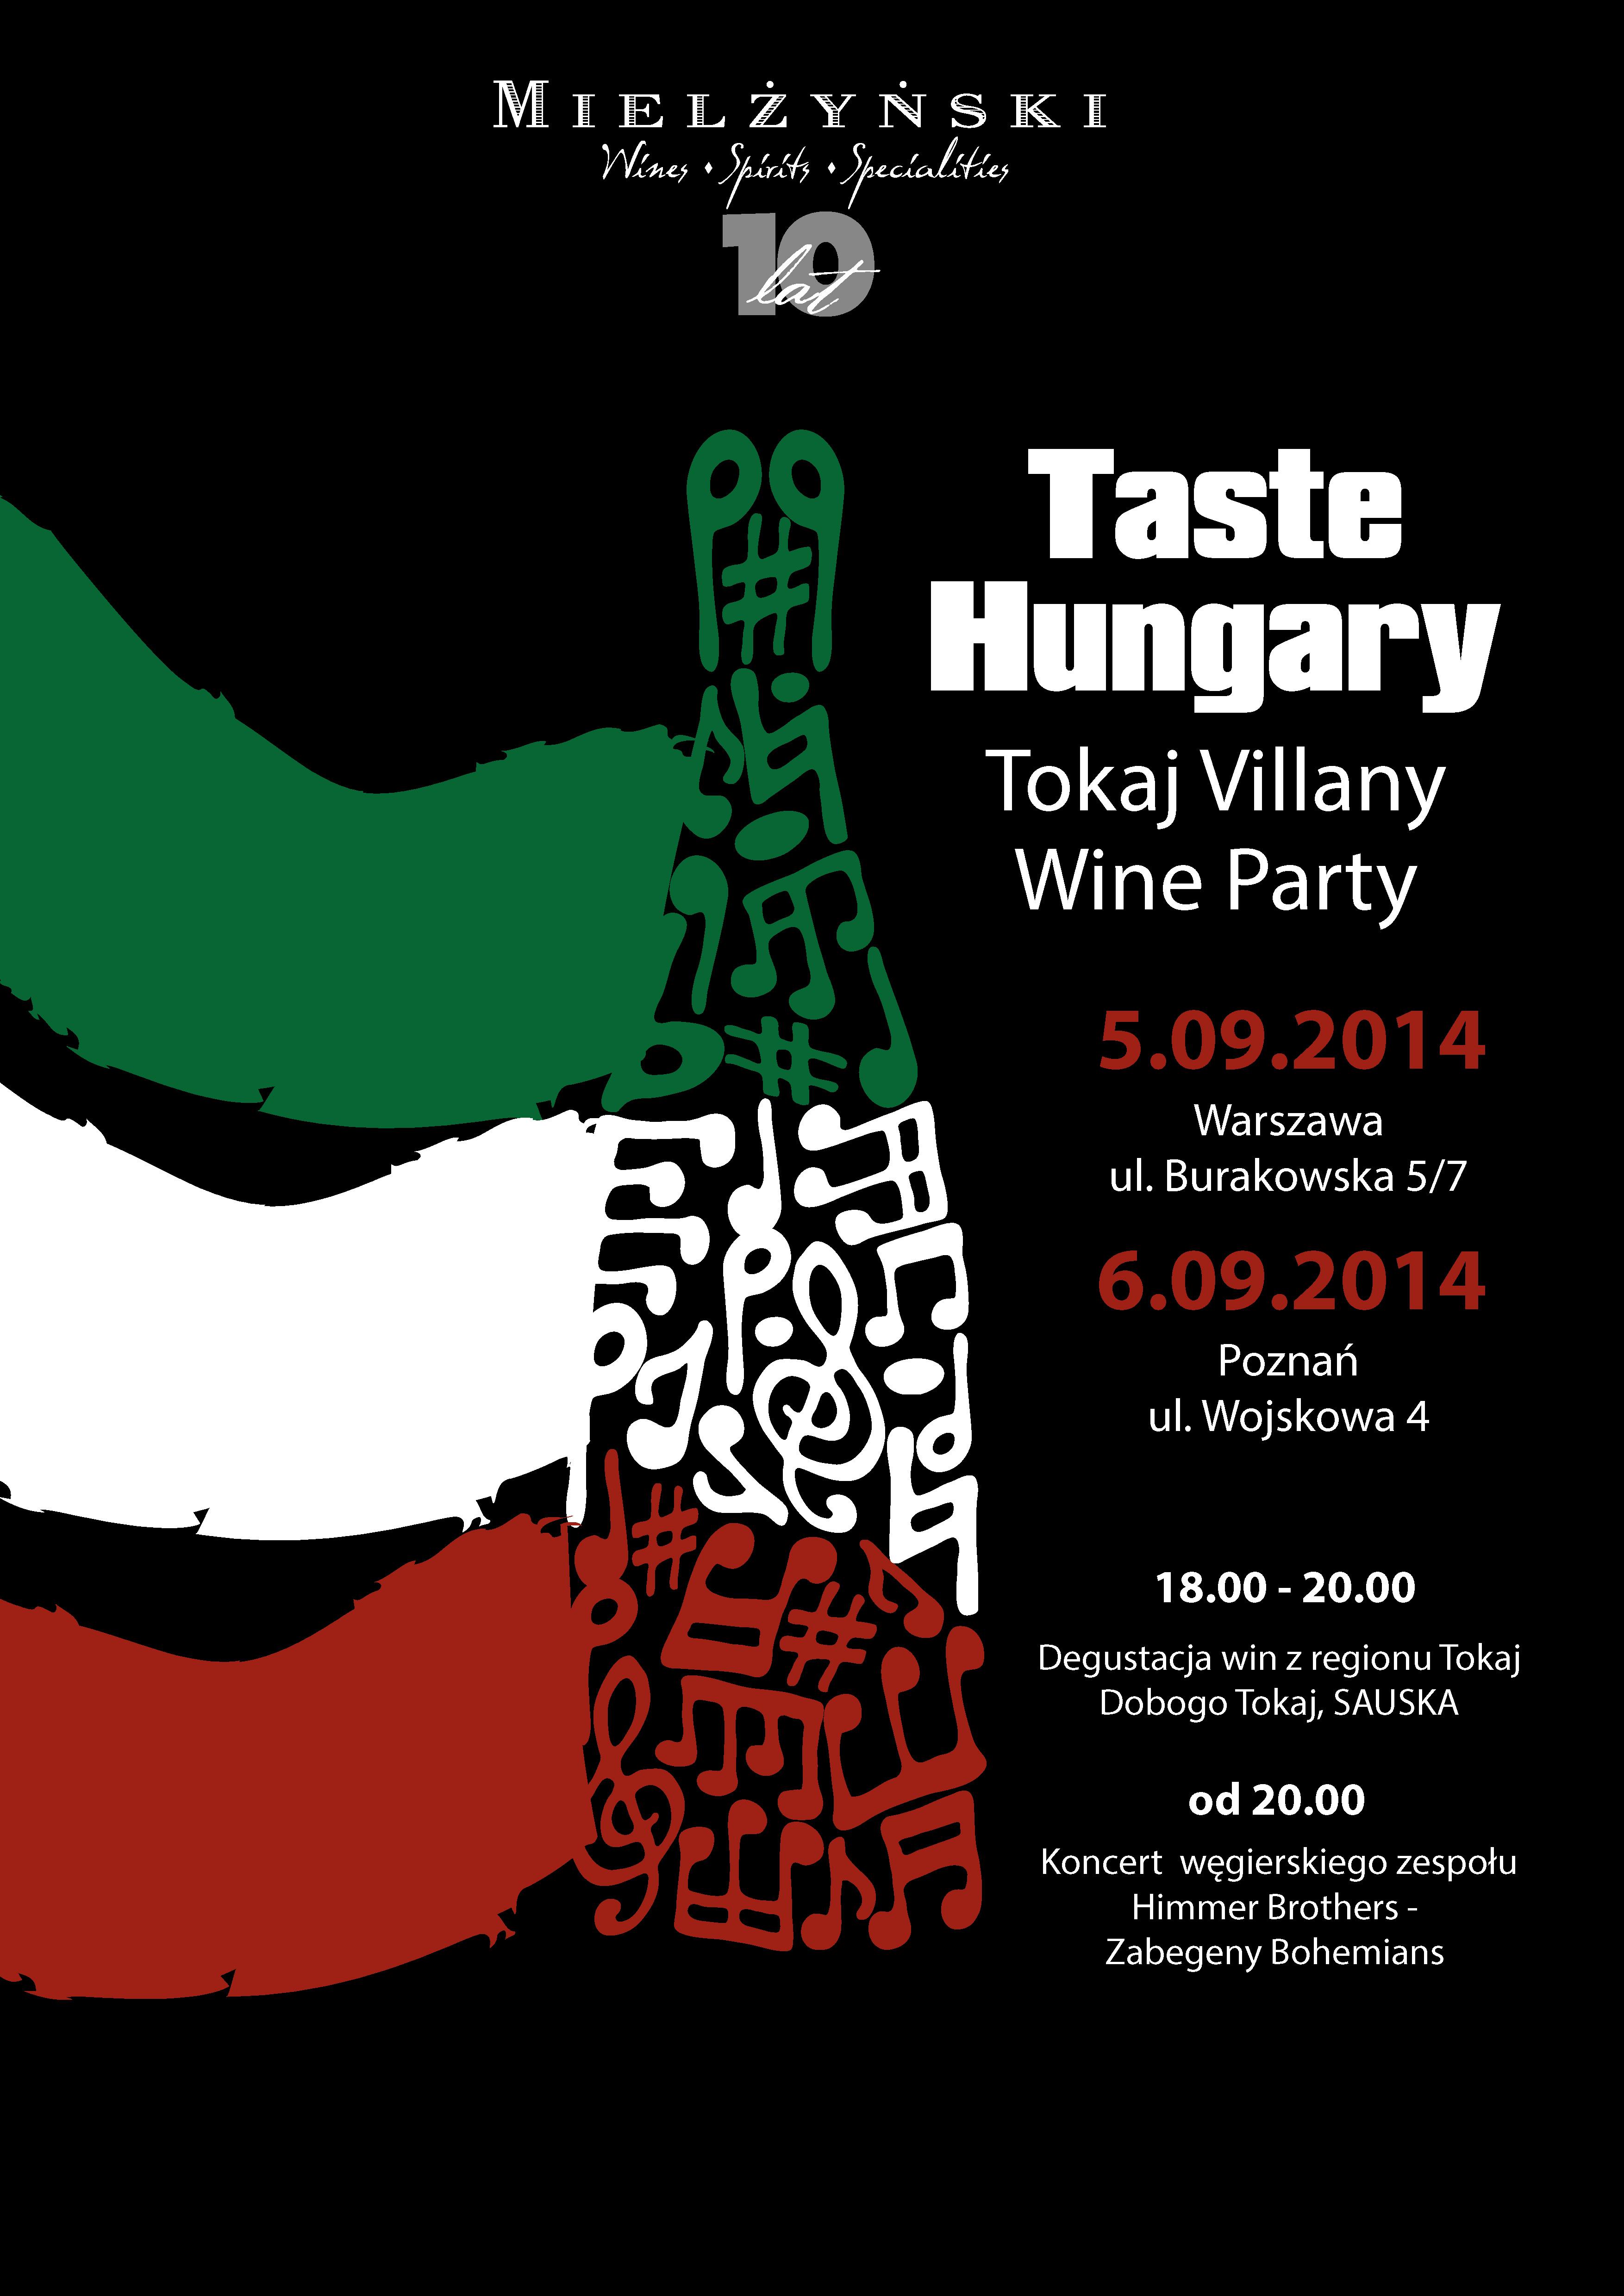 Taste Hungary